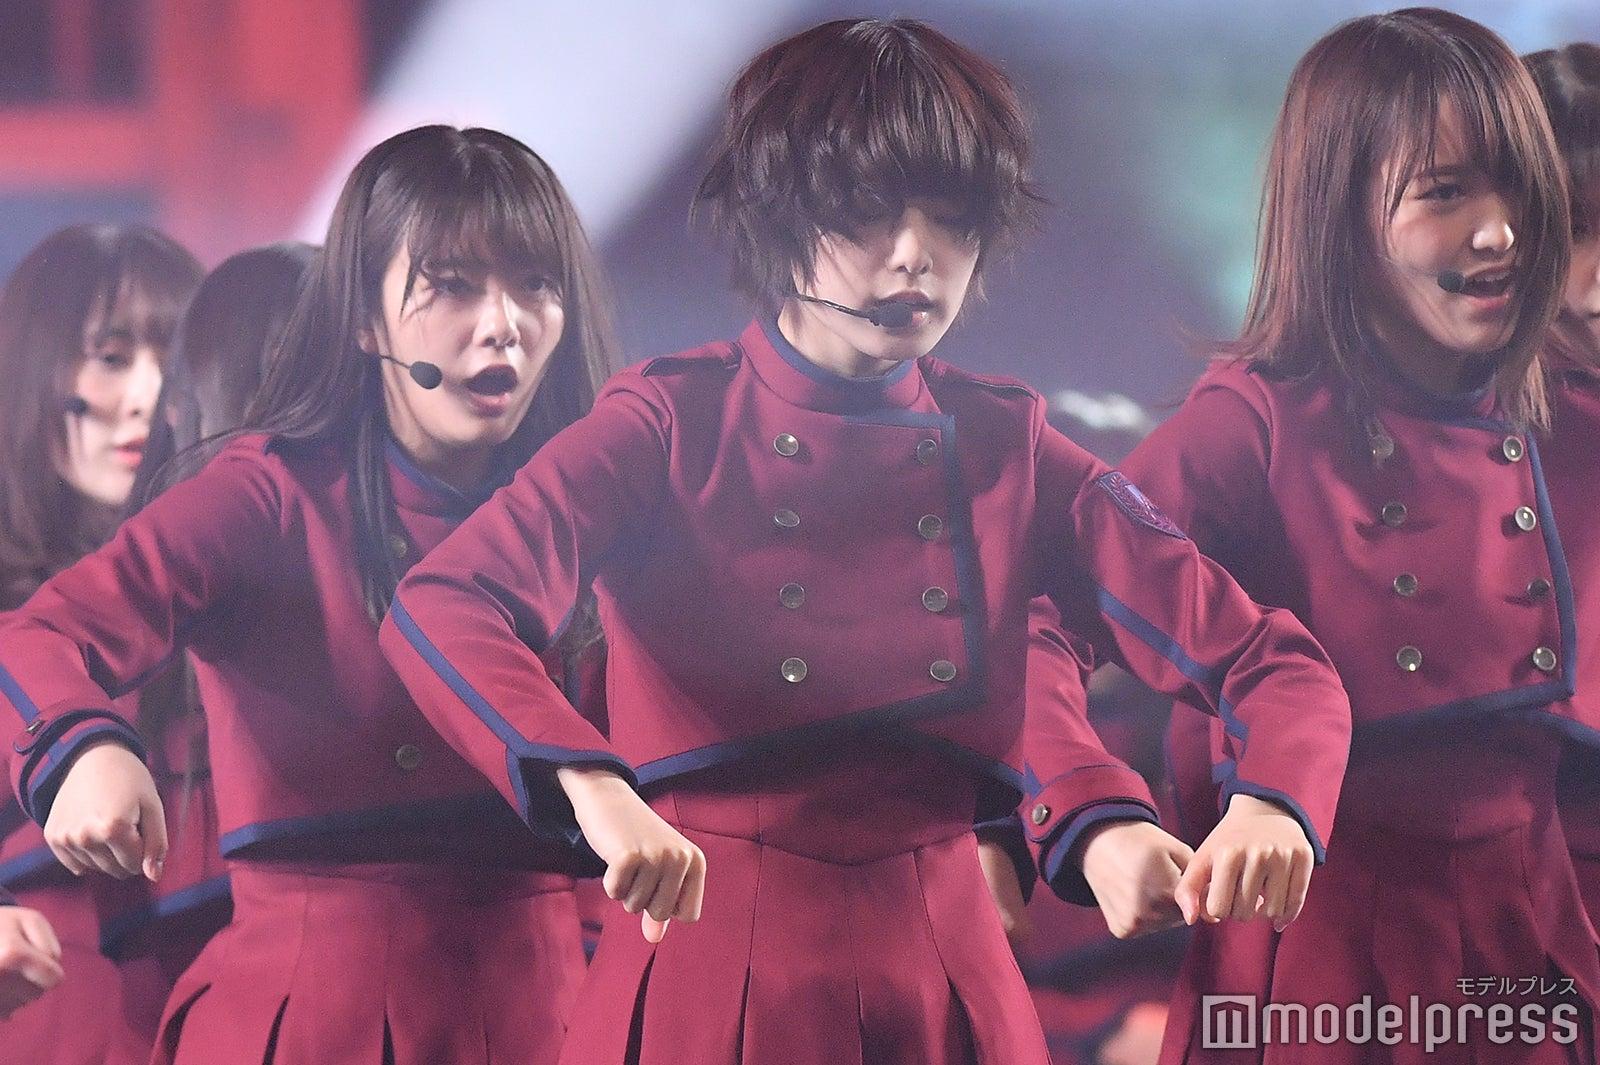 欅坂46、年明け後のメンバー写真公開 平手友梨奈・渡辺梨加らが